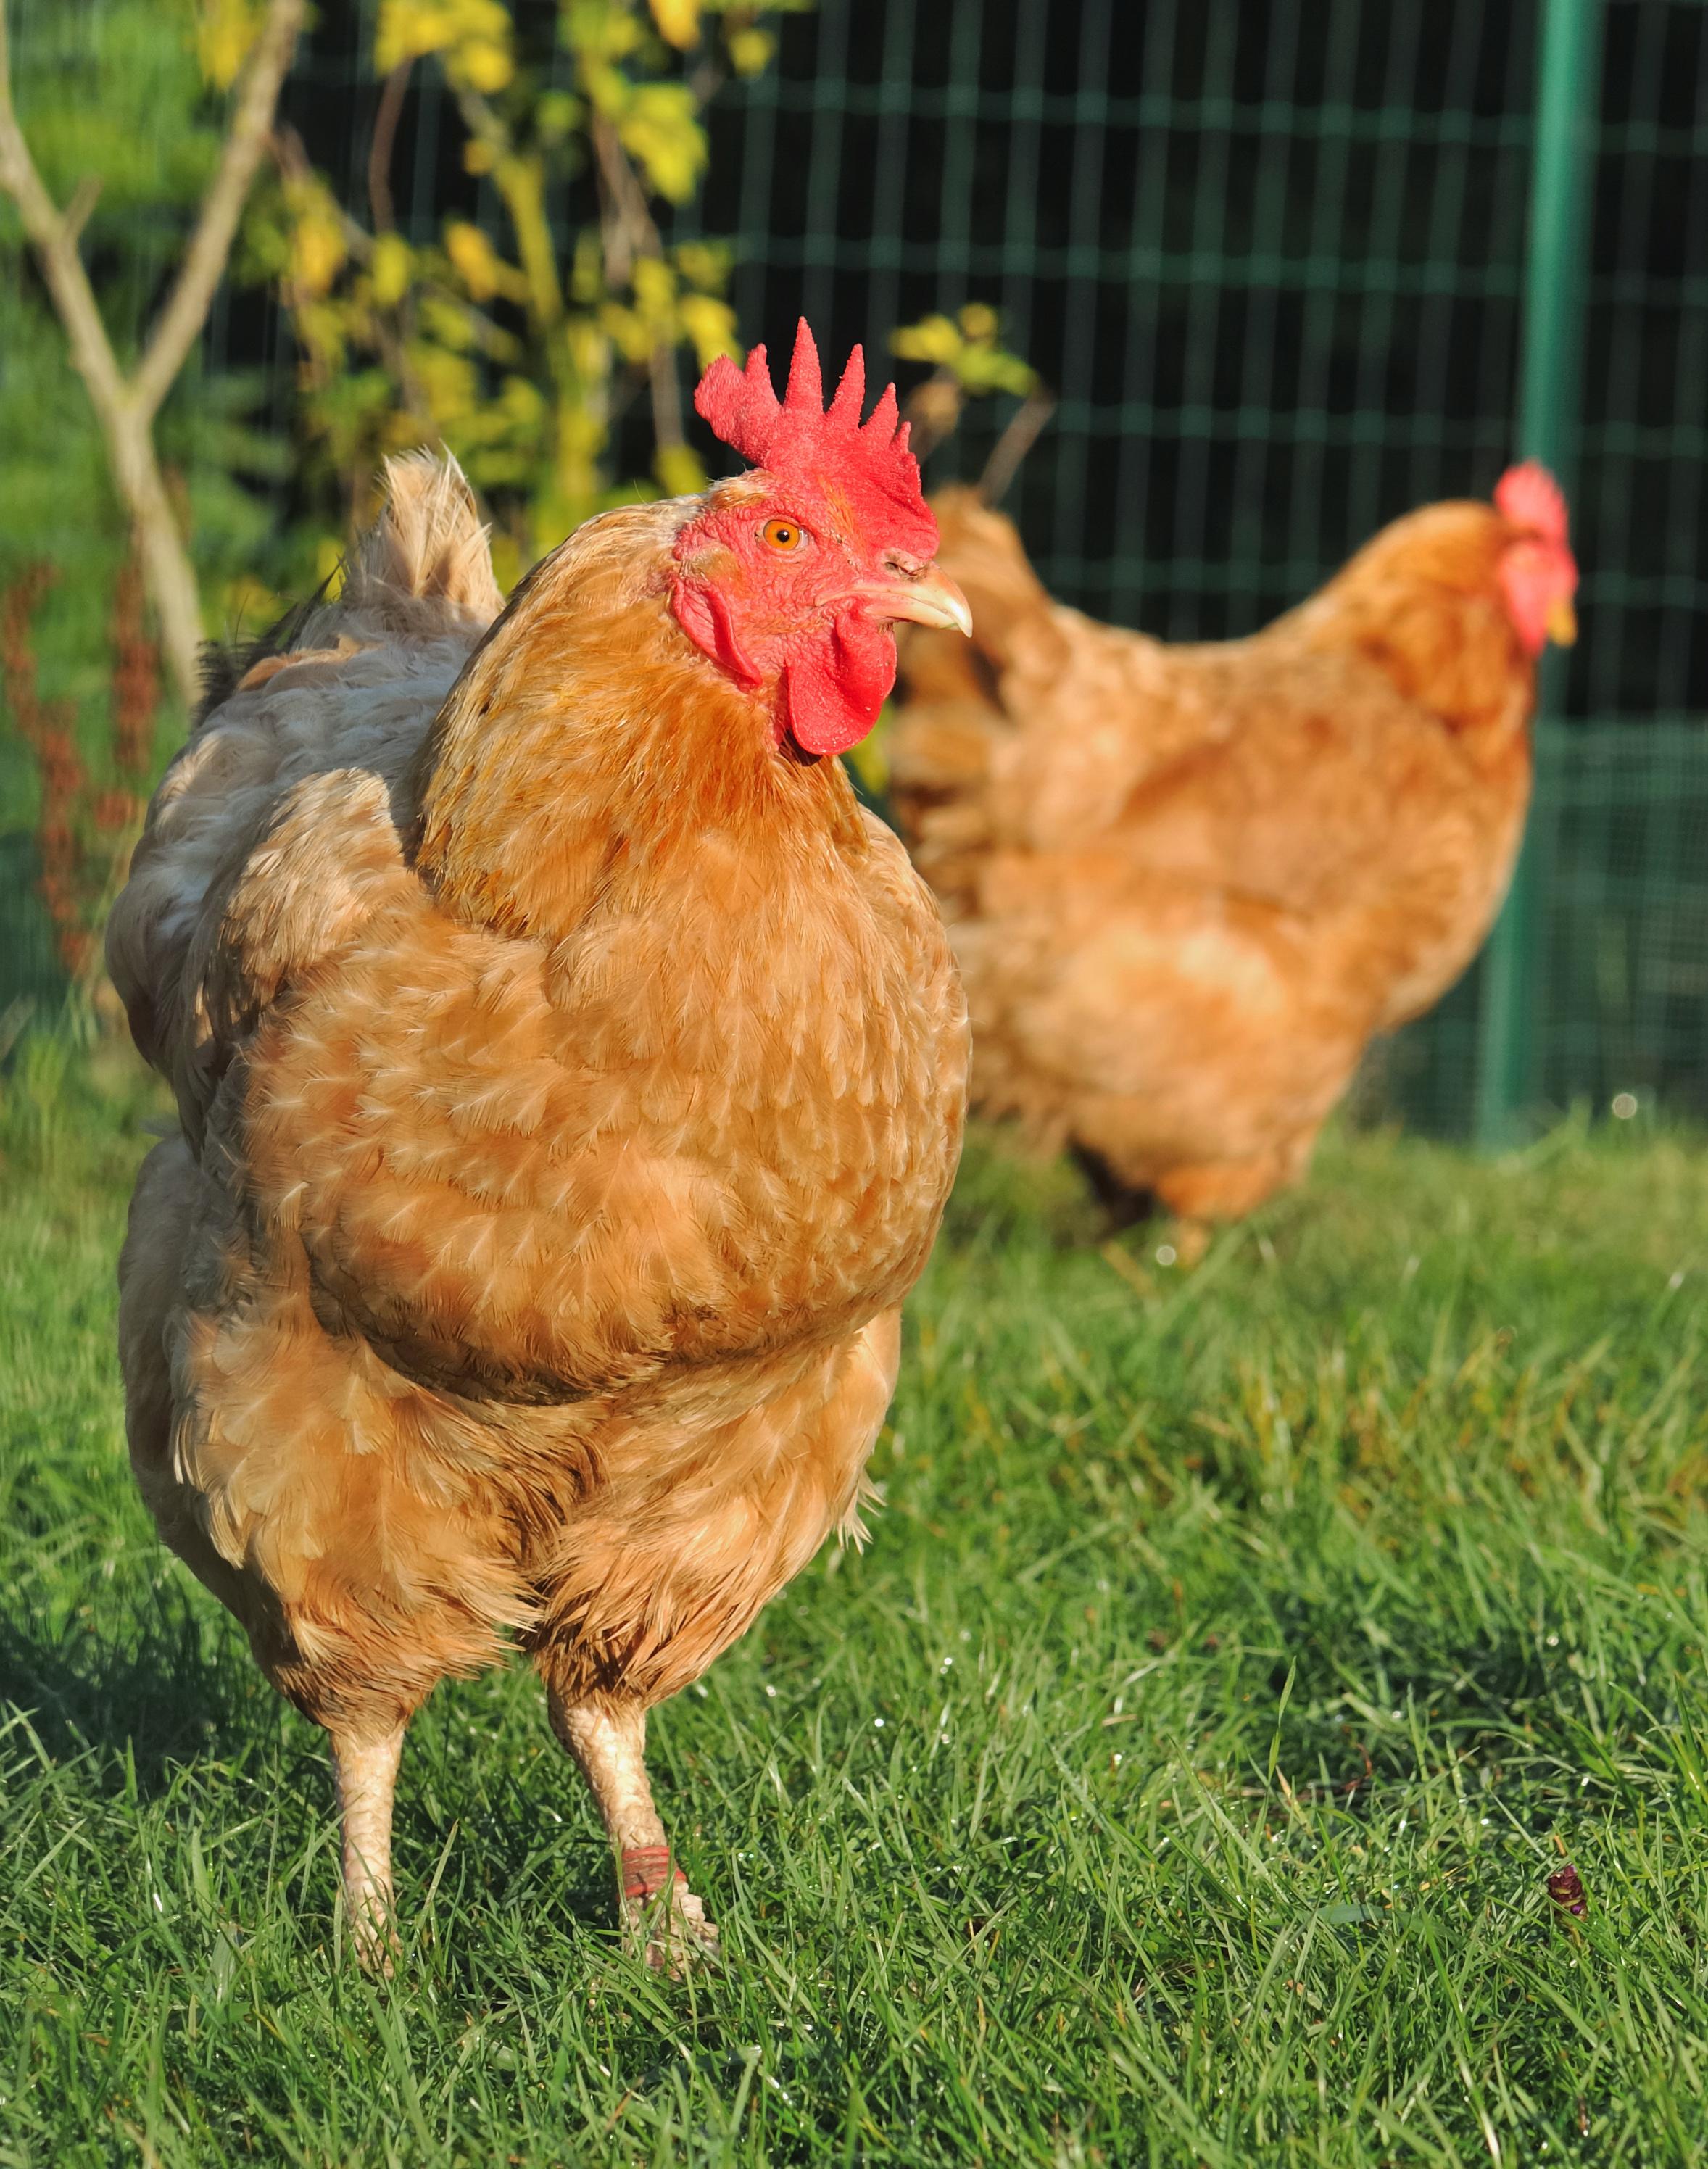 2 poules pondeuses offertes pour réduire ses déchets - Caluire-et-Cuire (69)